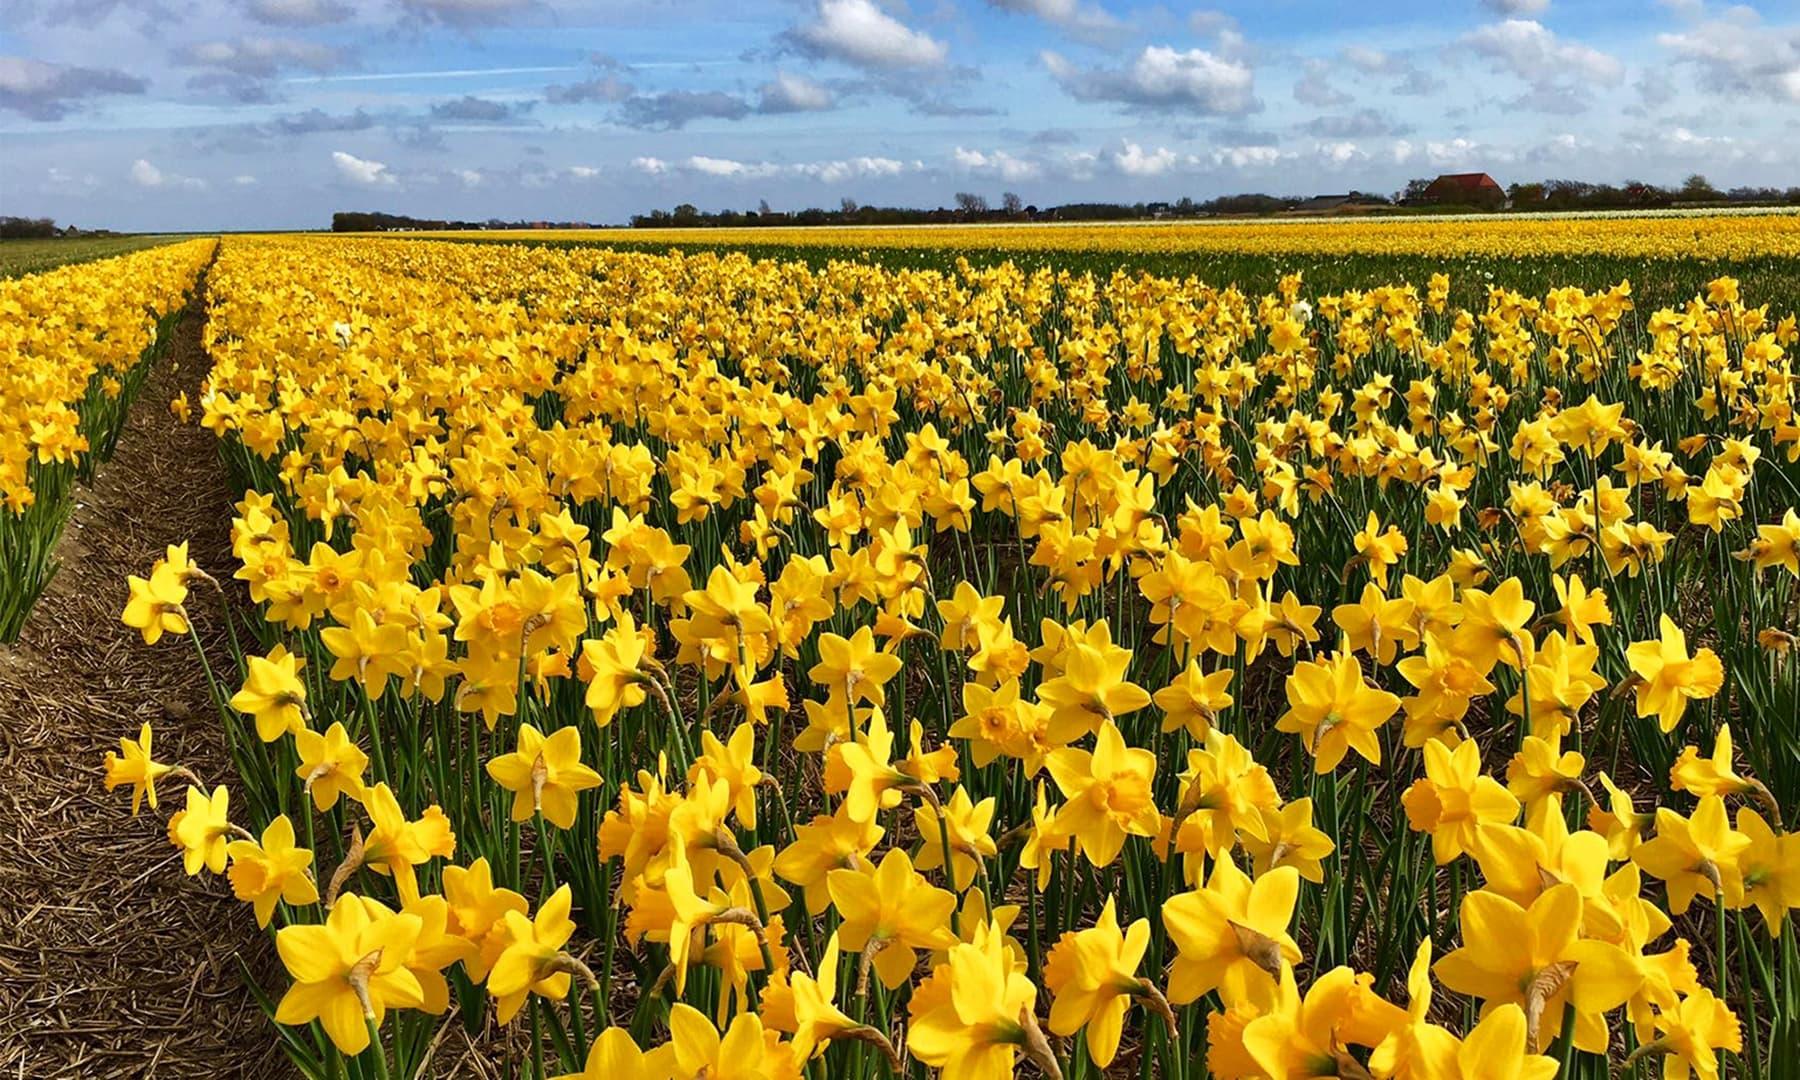 1630ء کی دہائی میں ہالینڈ میں اس پھول کی قدر ایک گھر کی قیمت کے برابر ہوچکی تھی